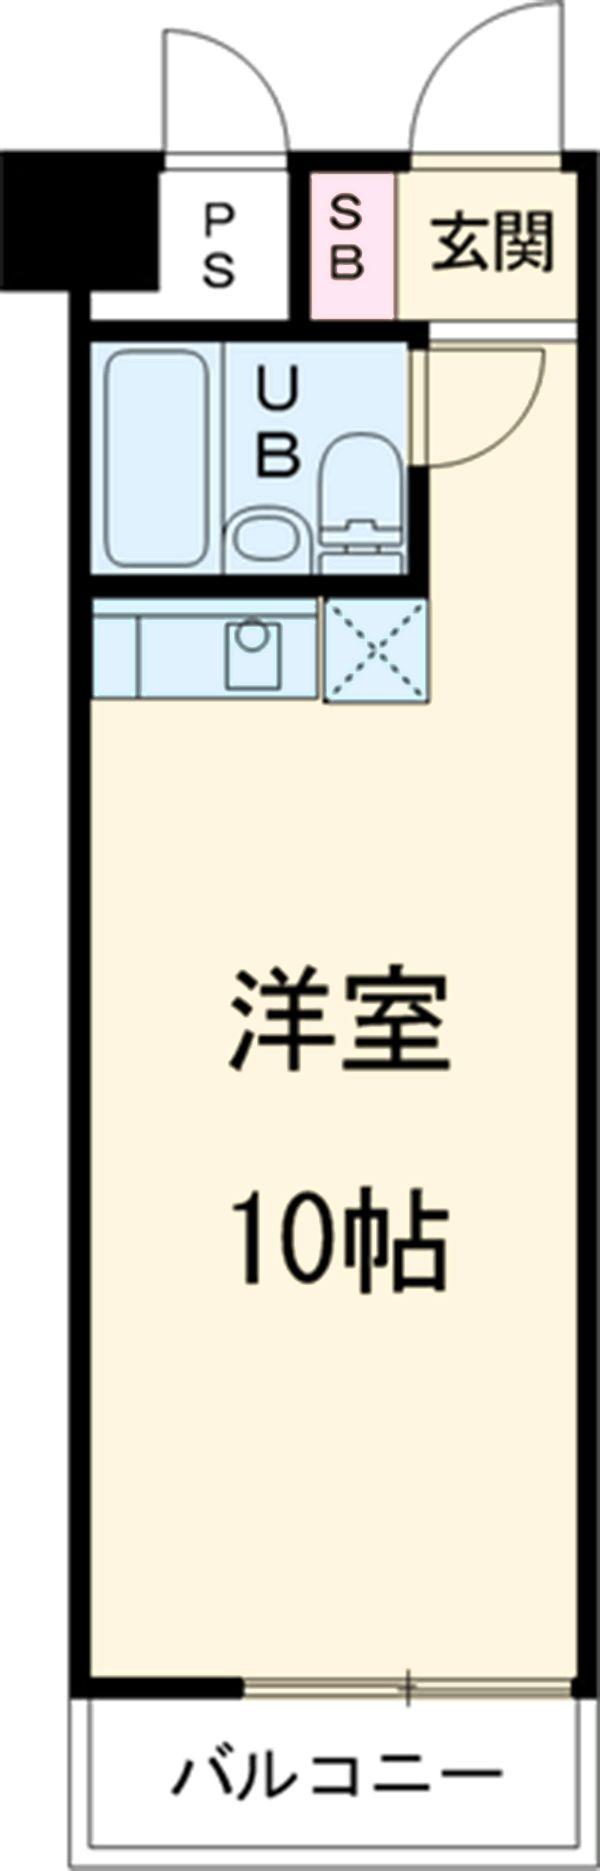 T's garden永山 514号室の間取り